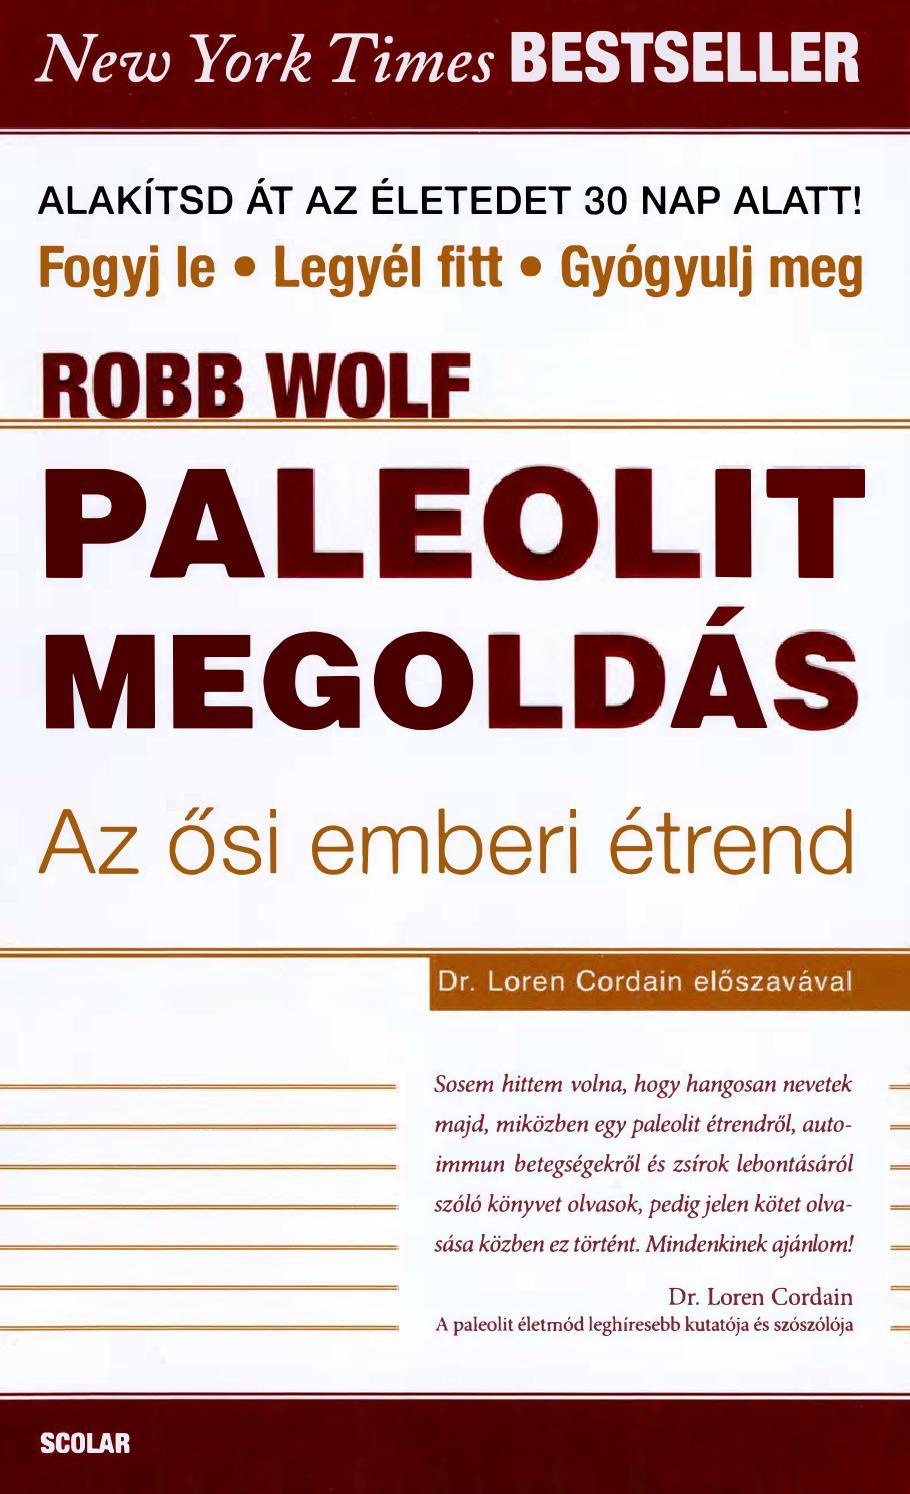 fogyás poliuria polidipsia súlycsökkentési rendszer 4 betű